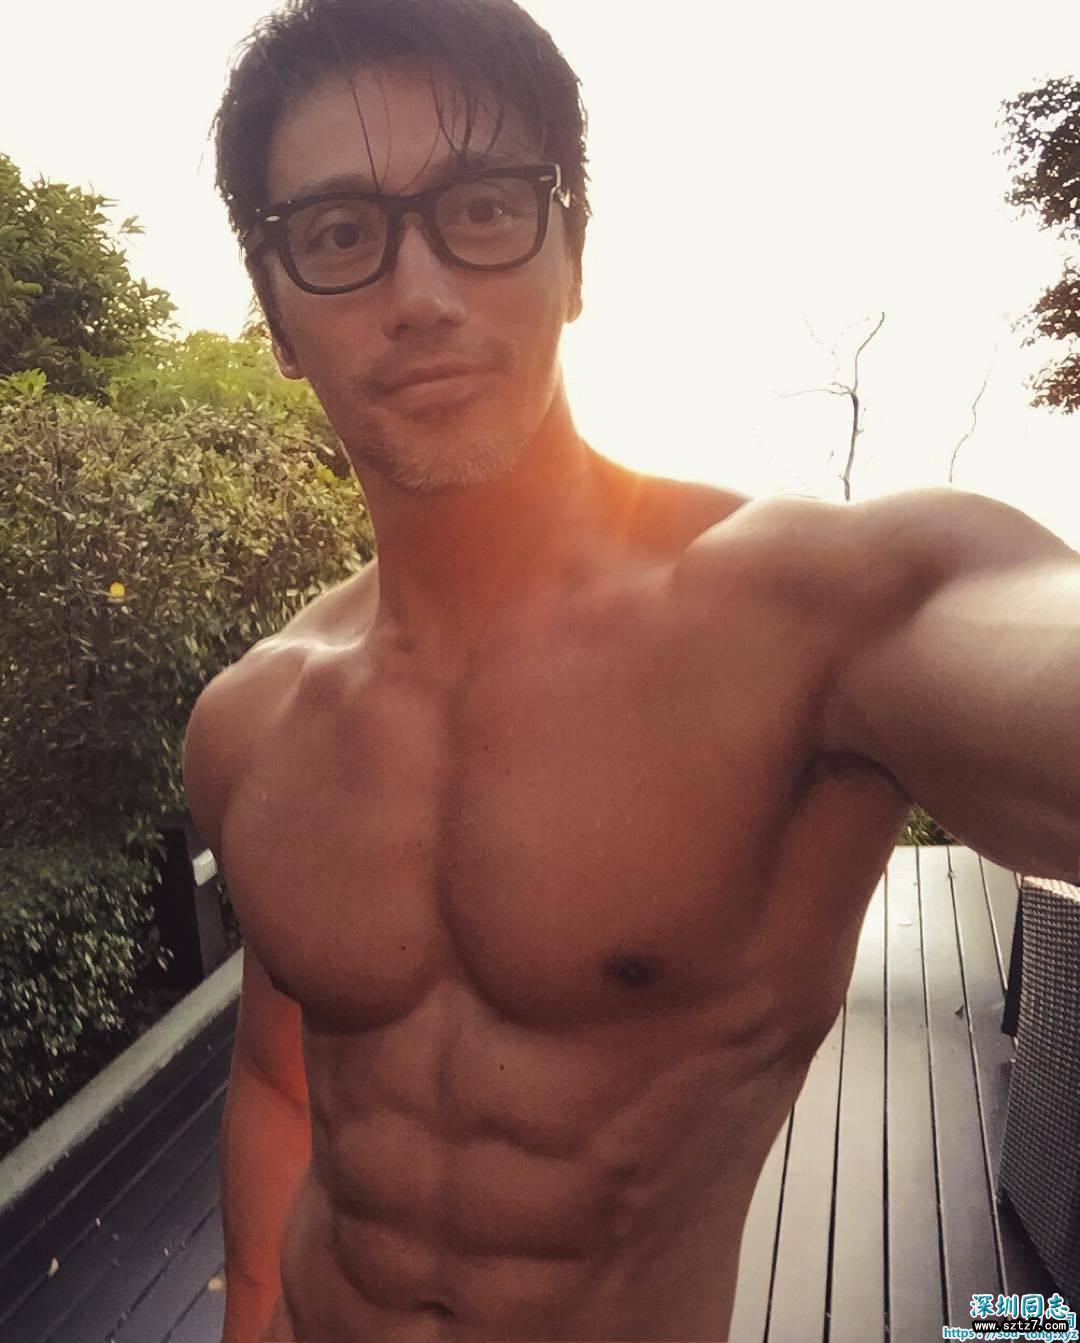 50岁新加坡摄影师肌肉发达完全不输小鲜肉